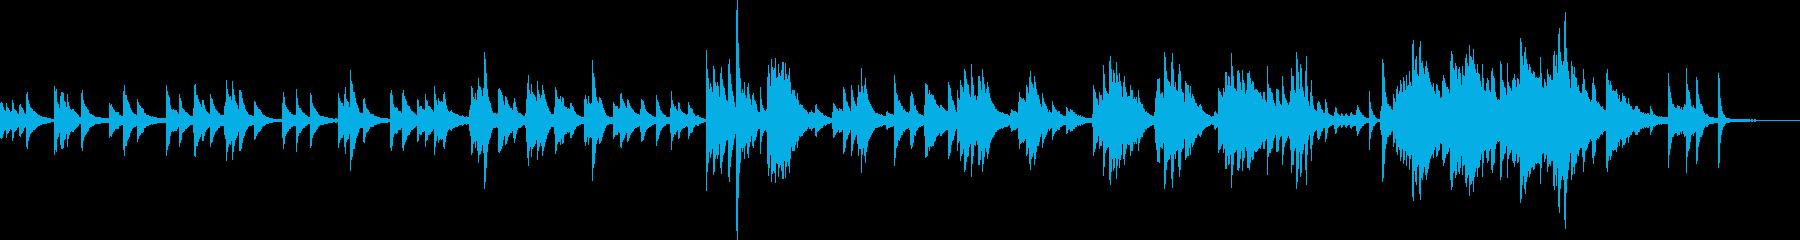 感謝の気持ち(ピアノソロ・優しい)の再生済みの波形